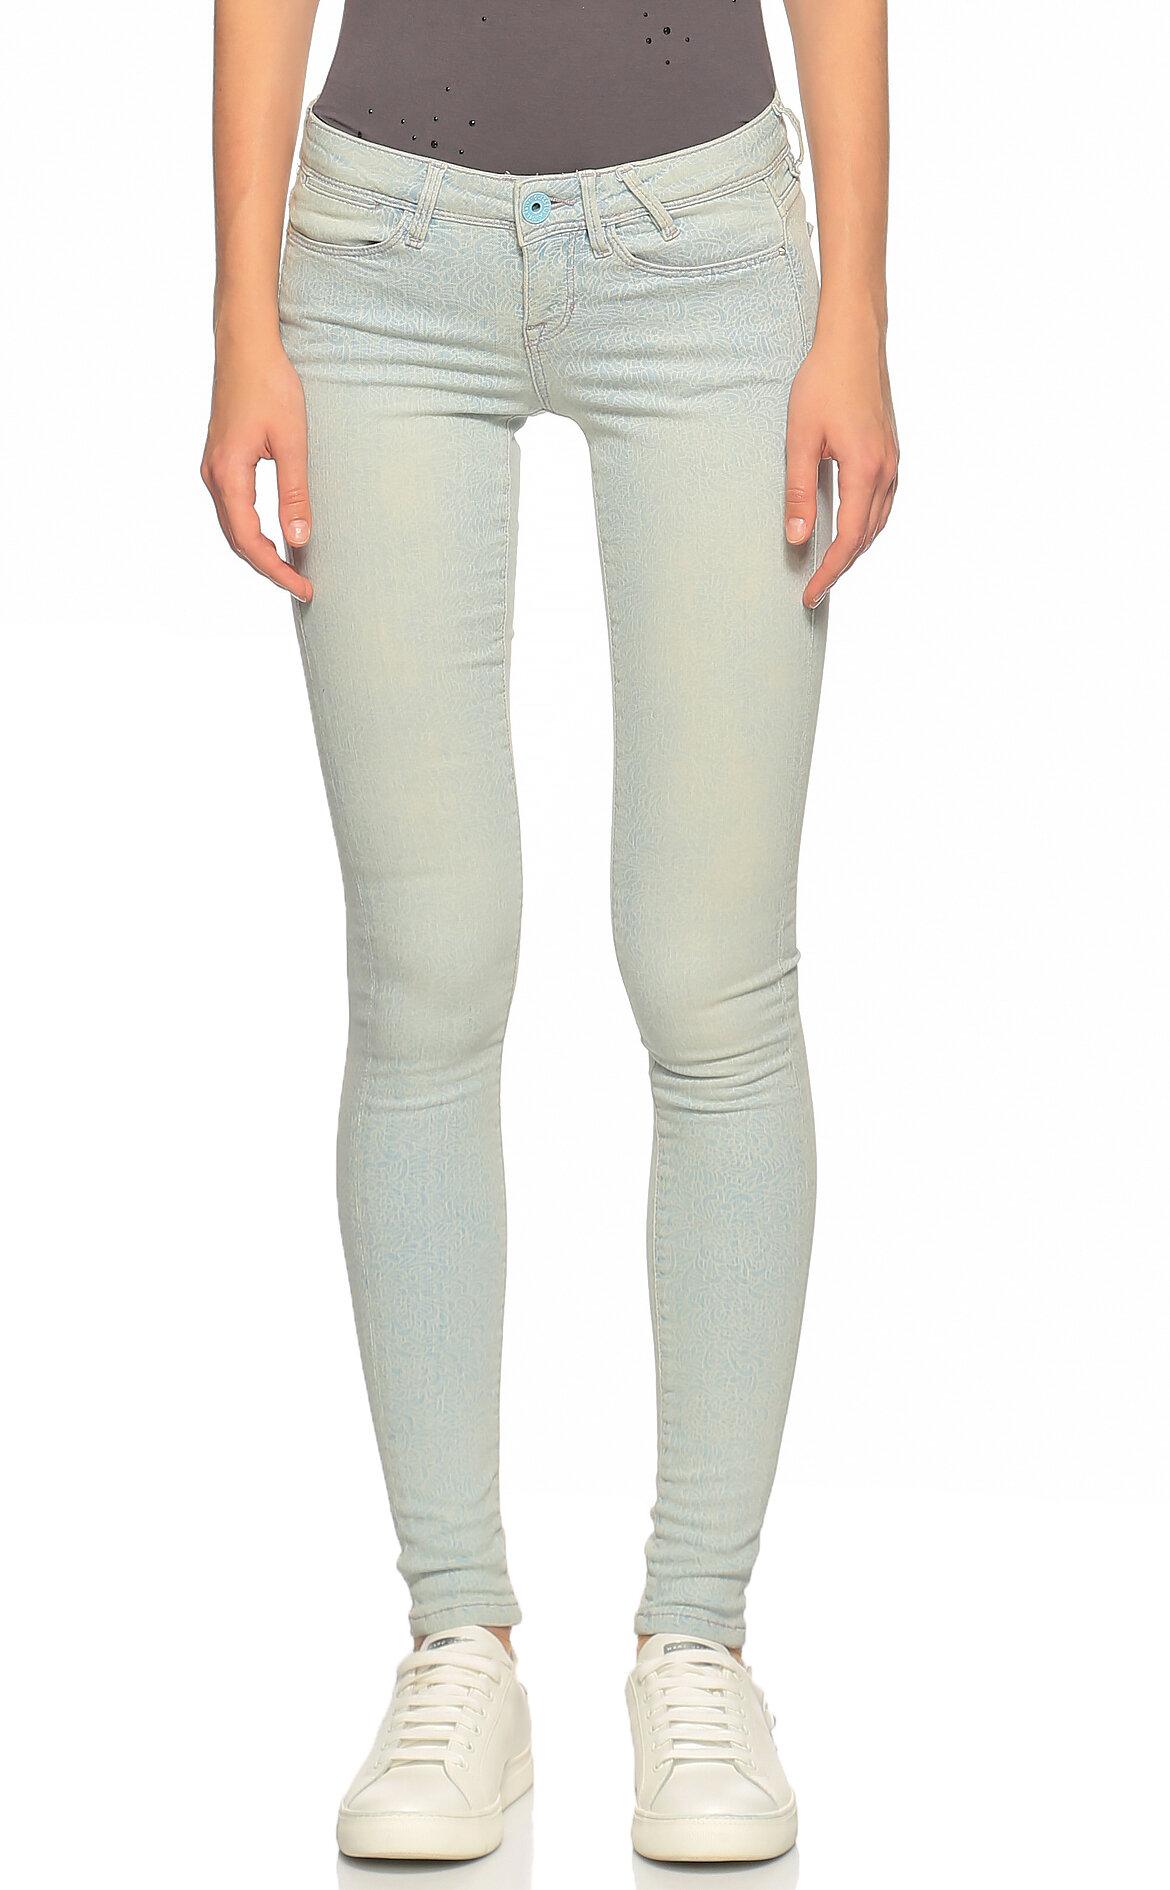 Guess-Guess Skinny Jean Beyaz Pantolon